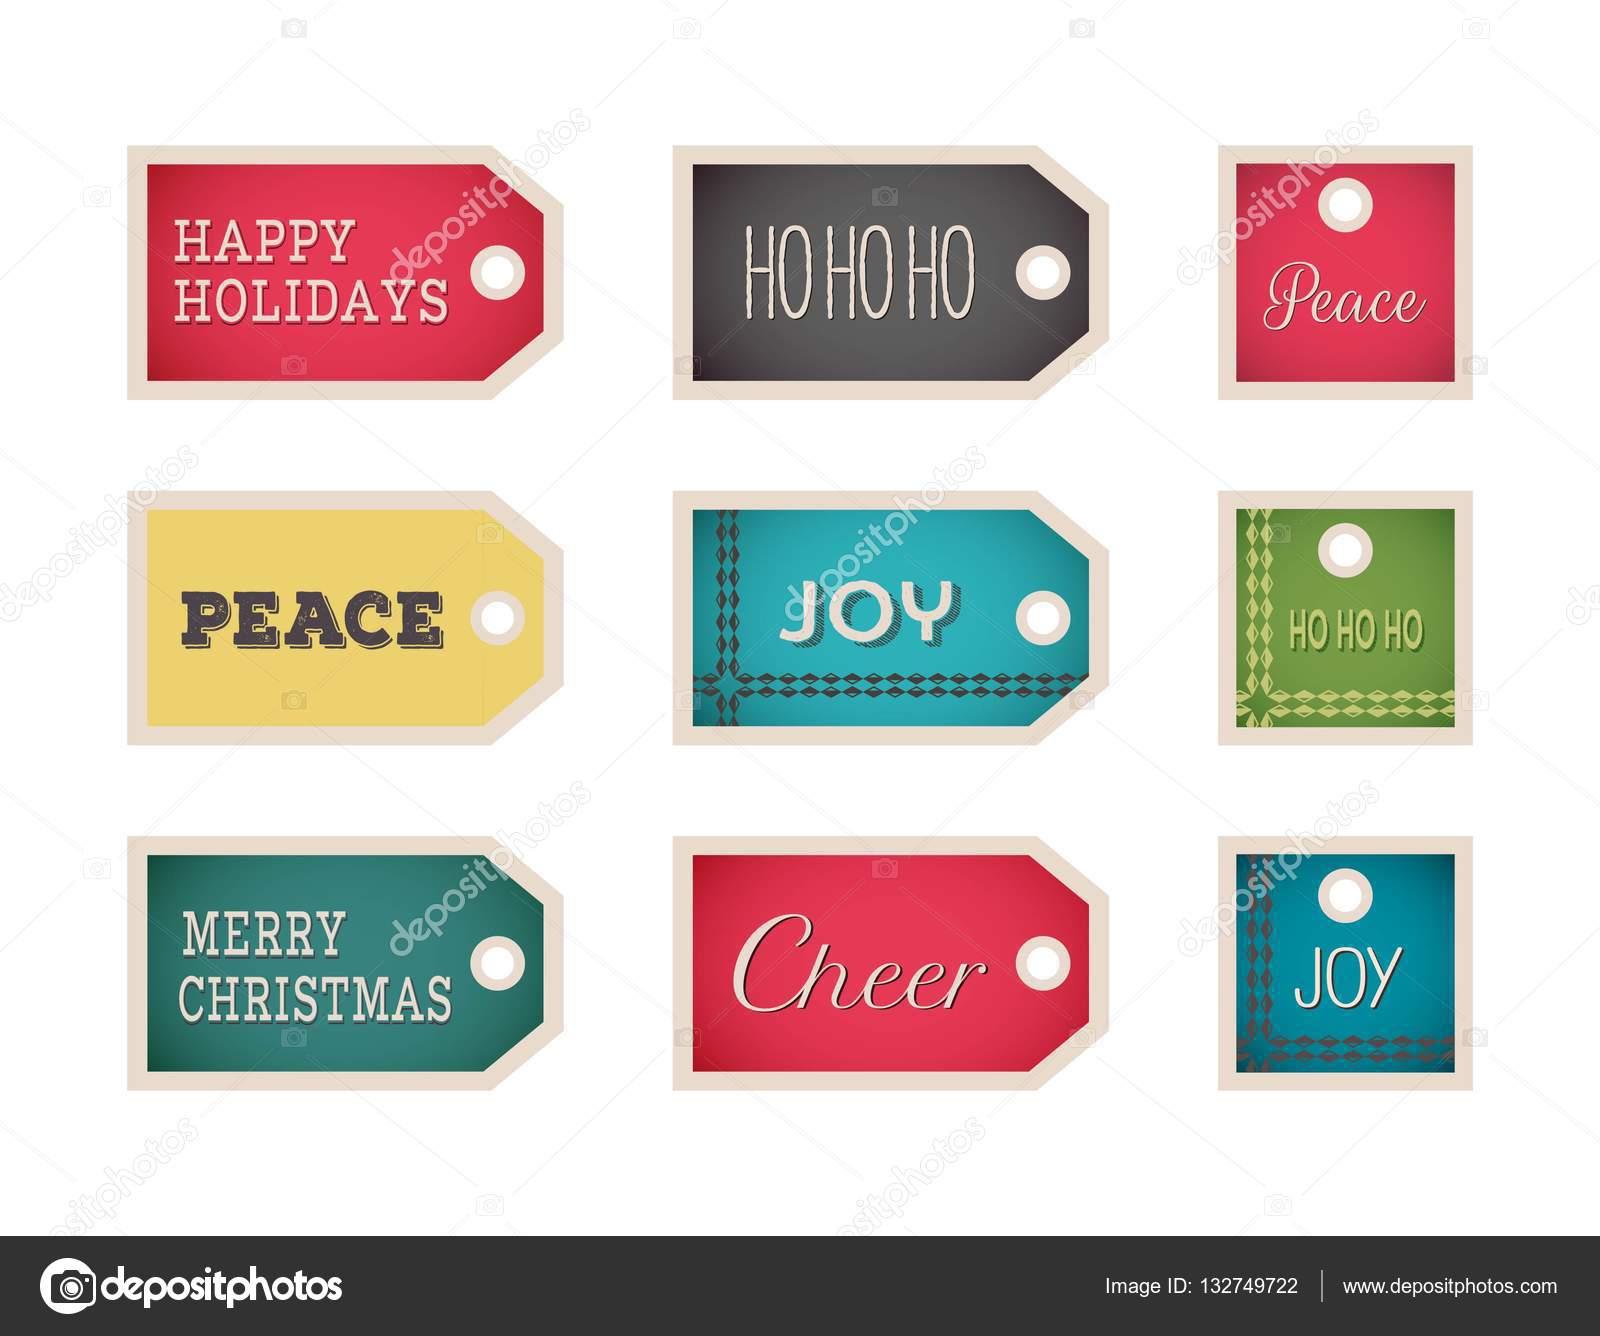 Christmas Gift Tags Template.Christmas Gift Tags Template Set Vector Holiday Design